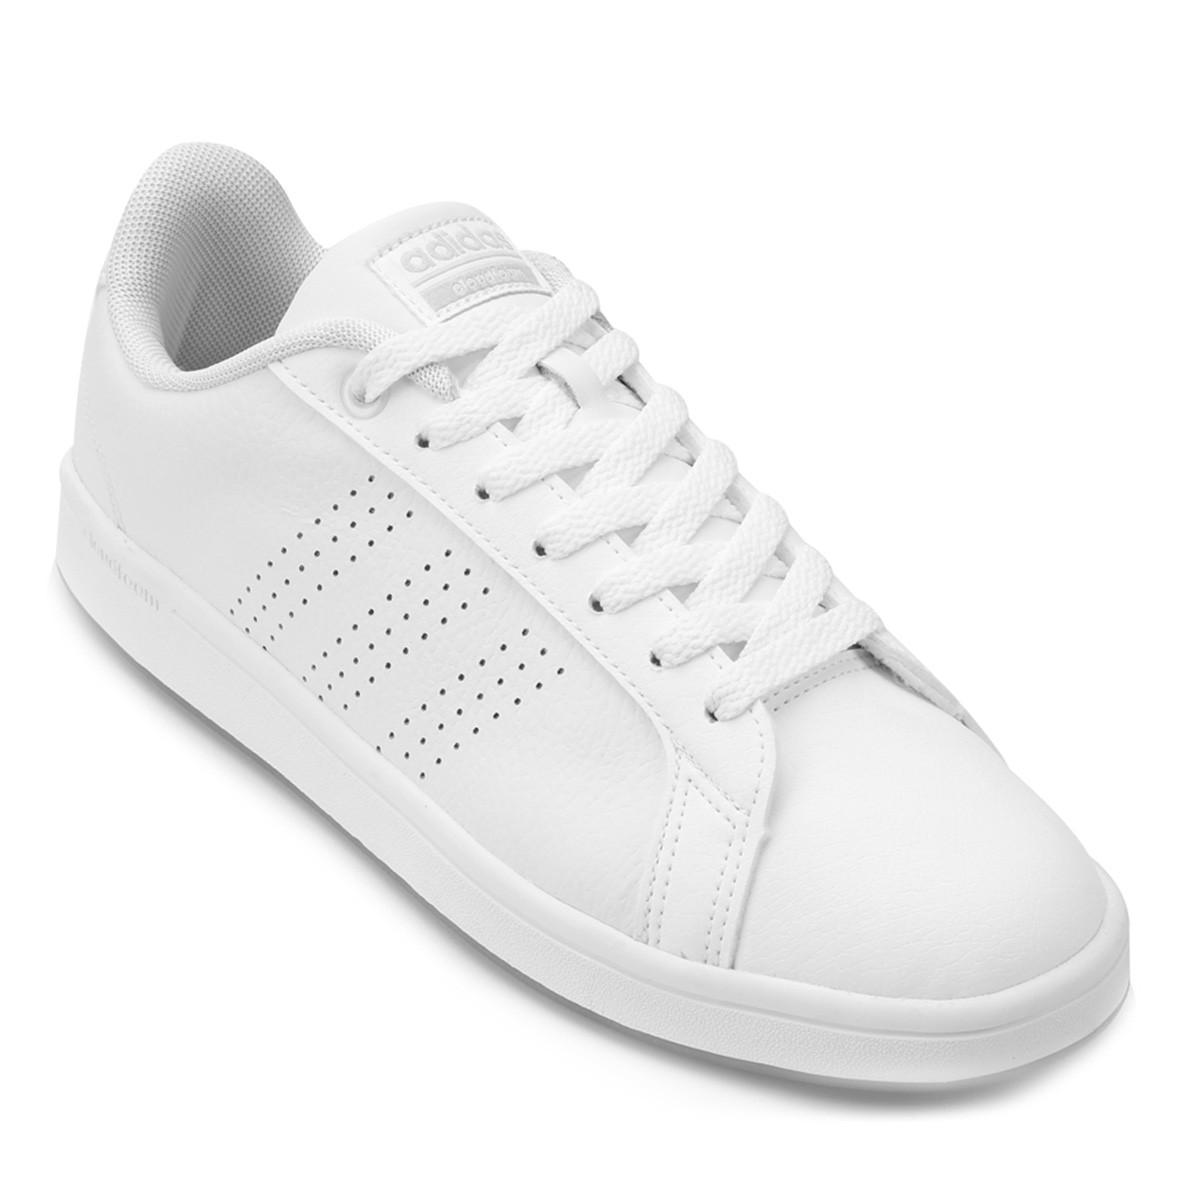 8b0c5fa22d5a0 Calcebel Tenis Adidas Advantage Clean qt w B44667